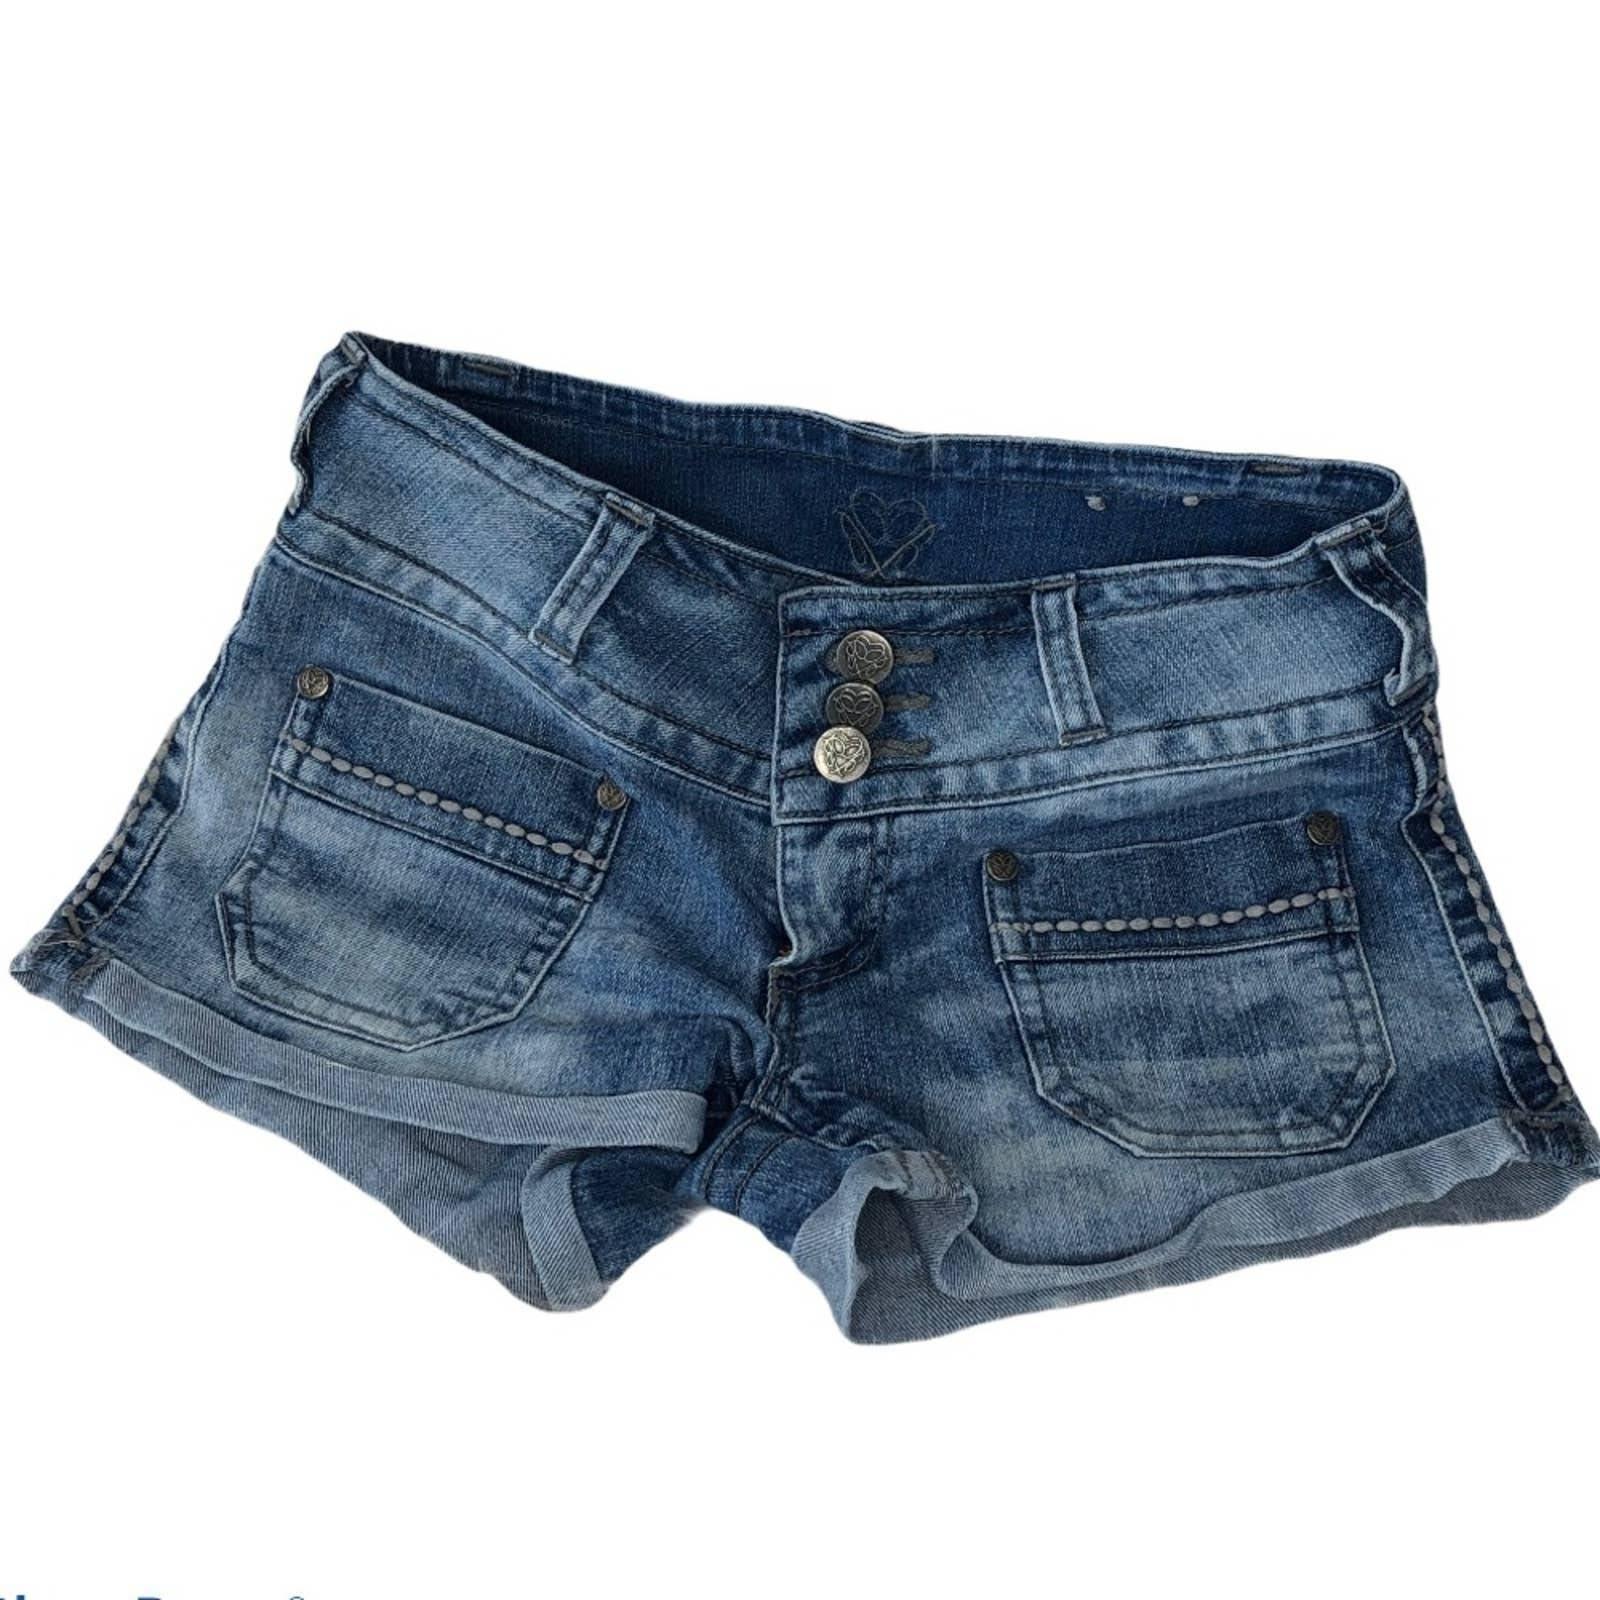 Bubblegum 3 button jean shorts Sz 1/2